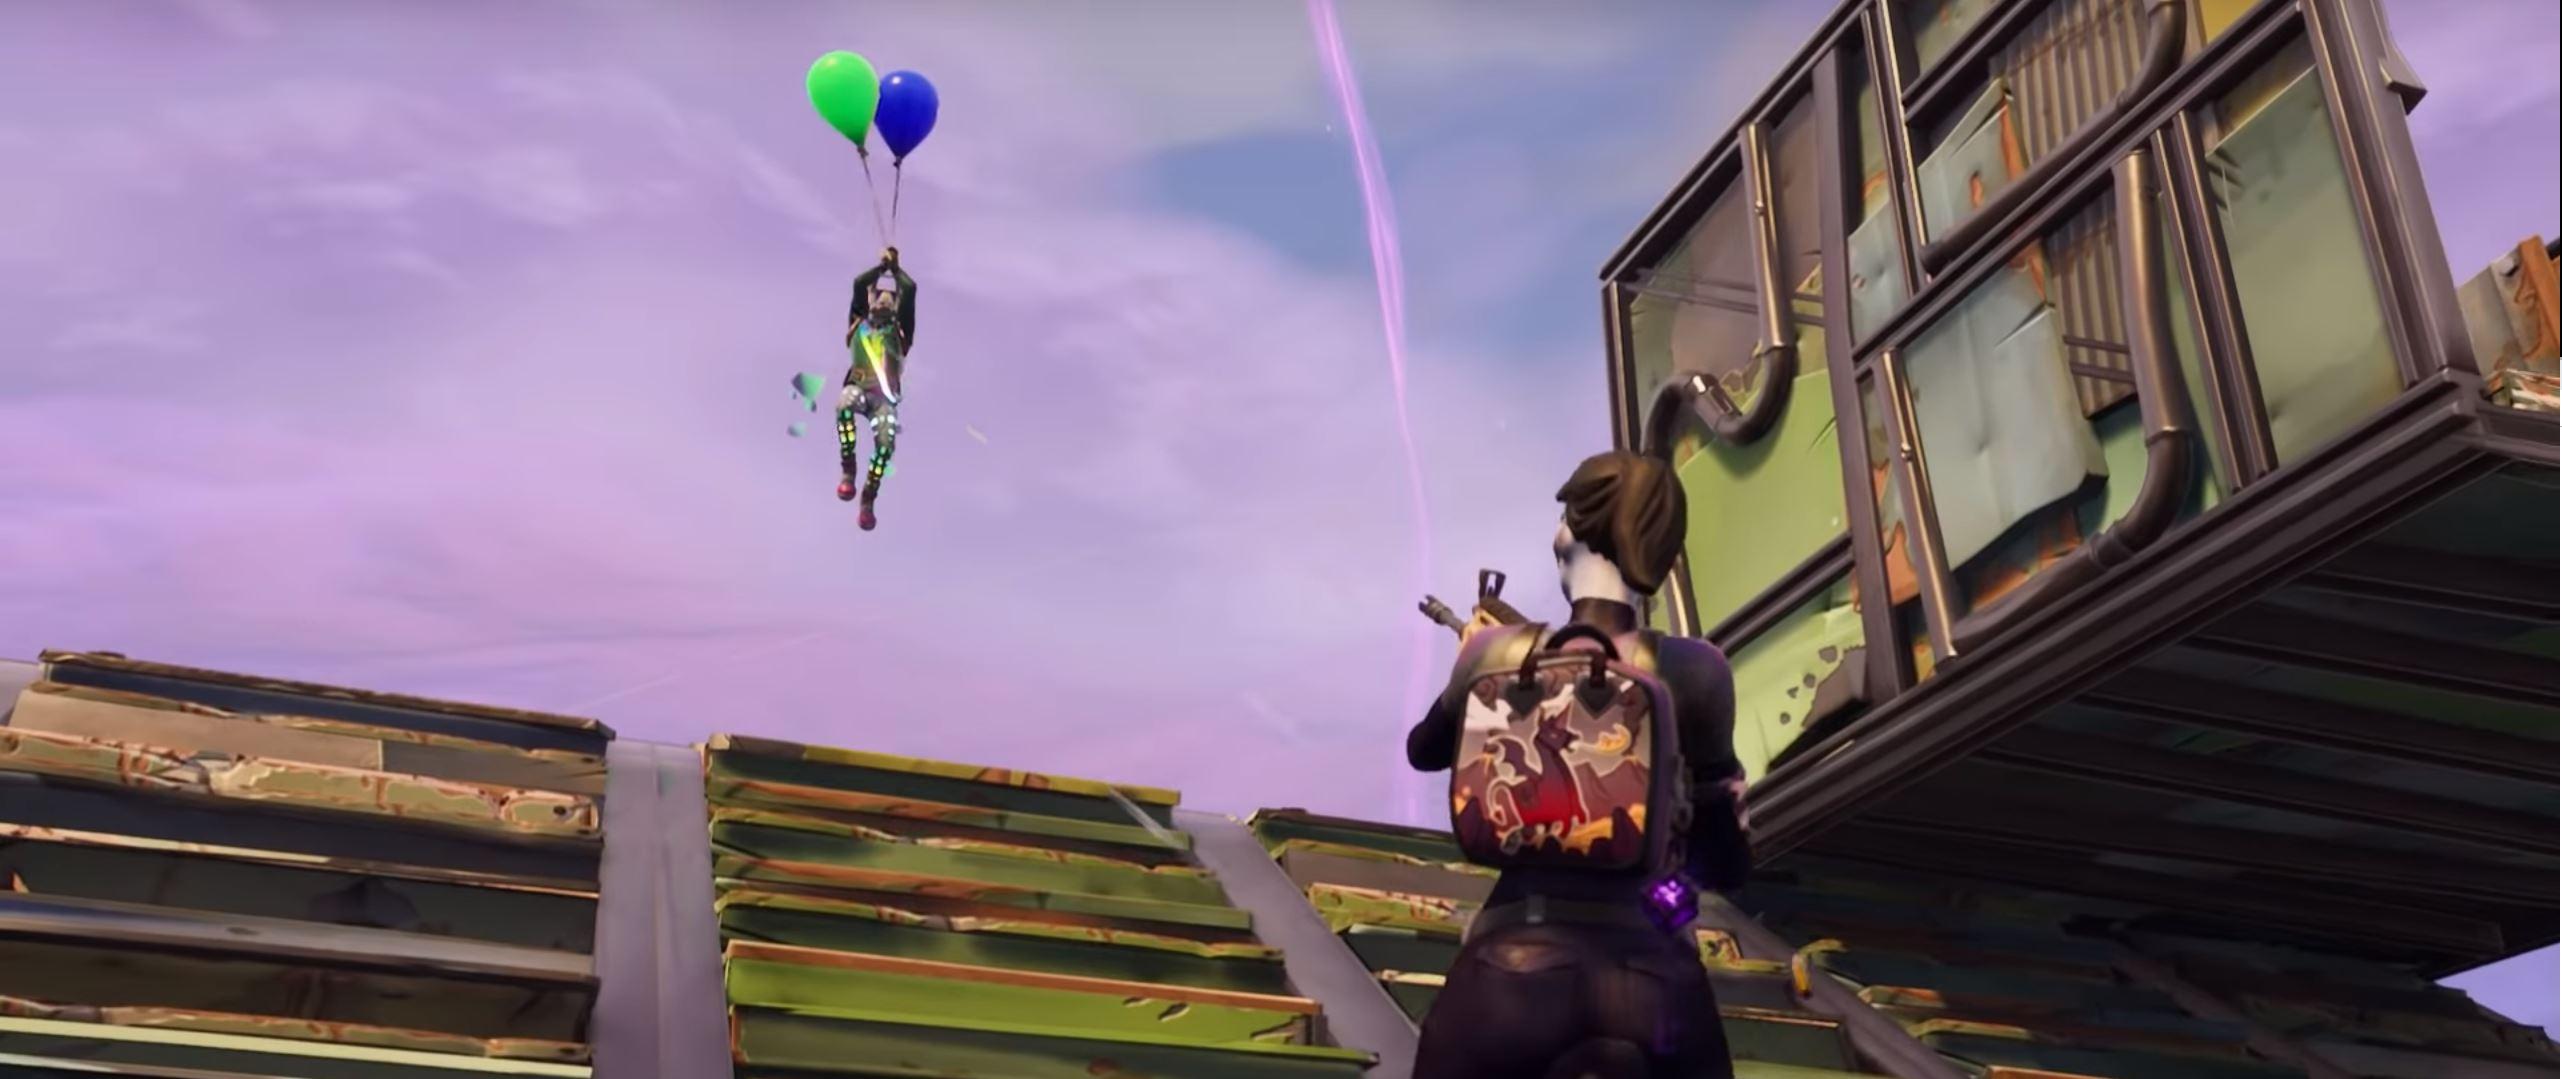 Fortnite-ballon-Action